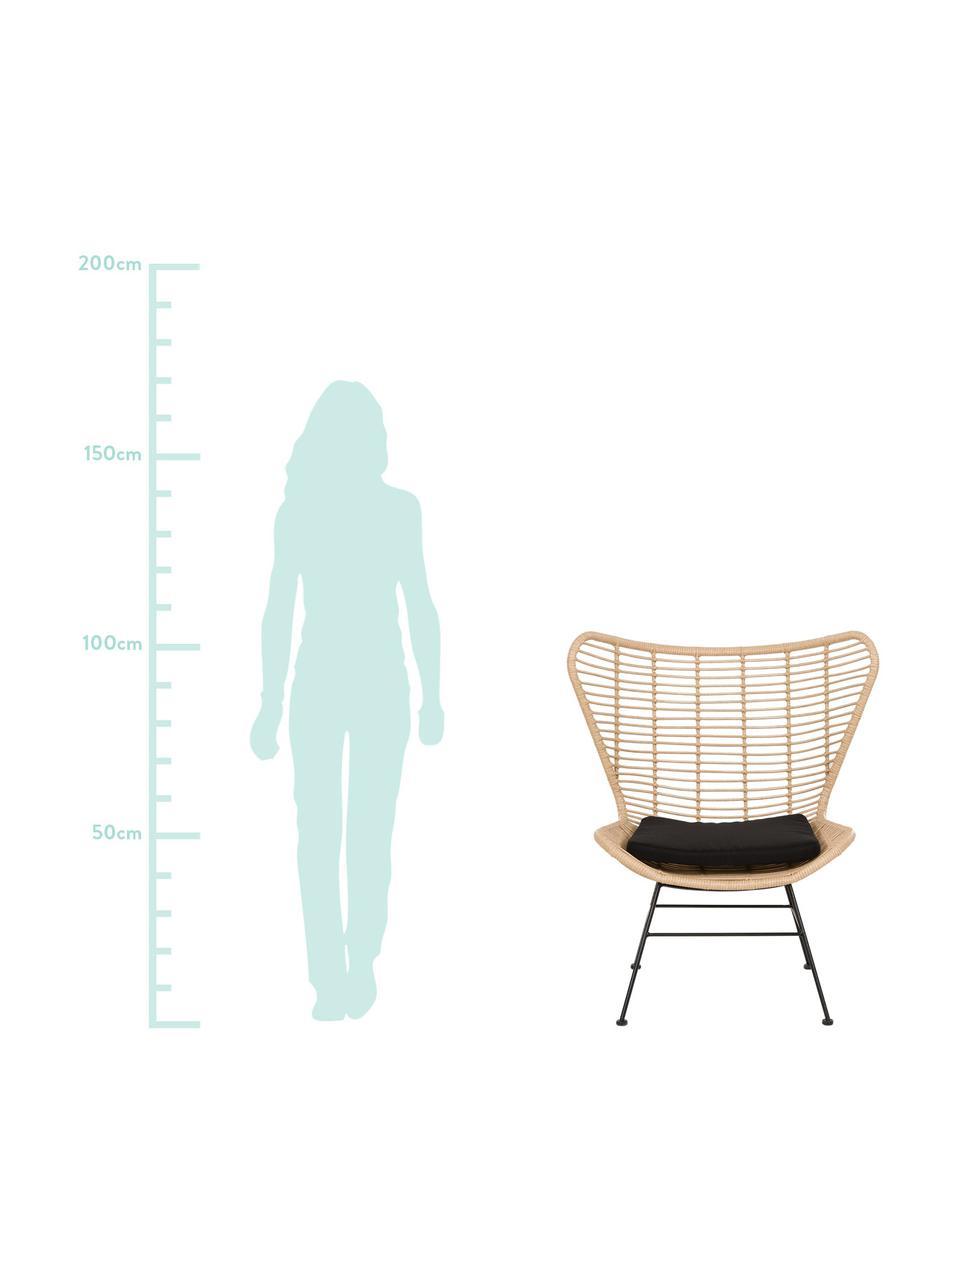 Ohrensessel Costa mit Polyrattan, Sitzfläche: Polyethylen-Geflecht, Gestell: Metall, pulverbeschichtet, Hellbraun, Schwarz, B 90 x T 89 cm